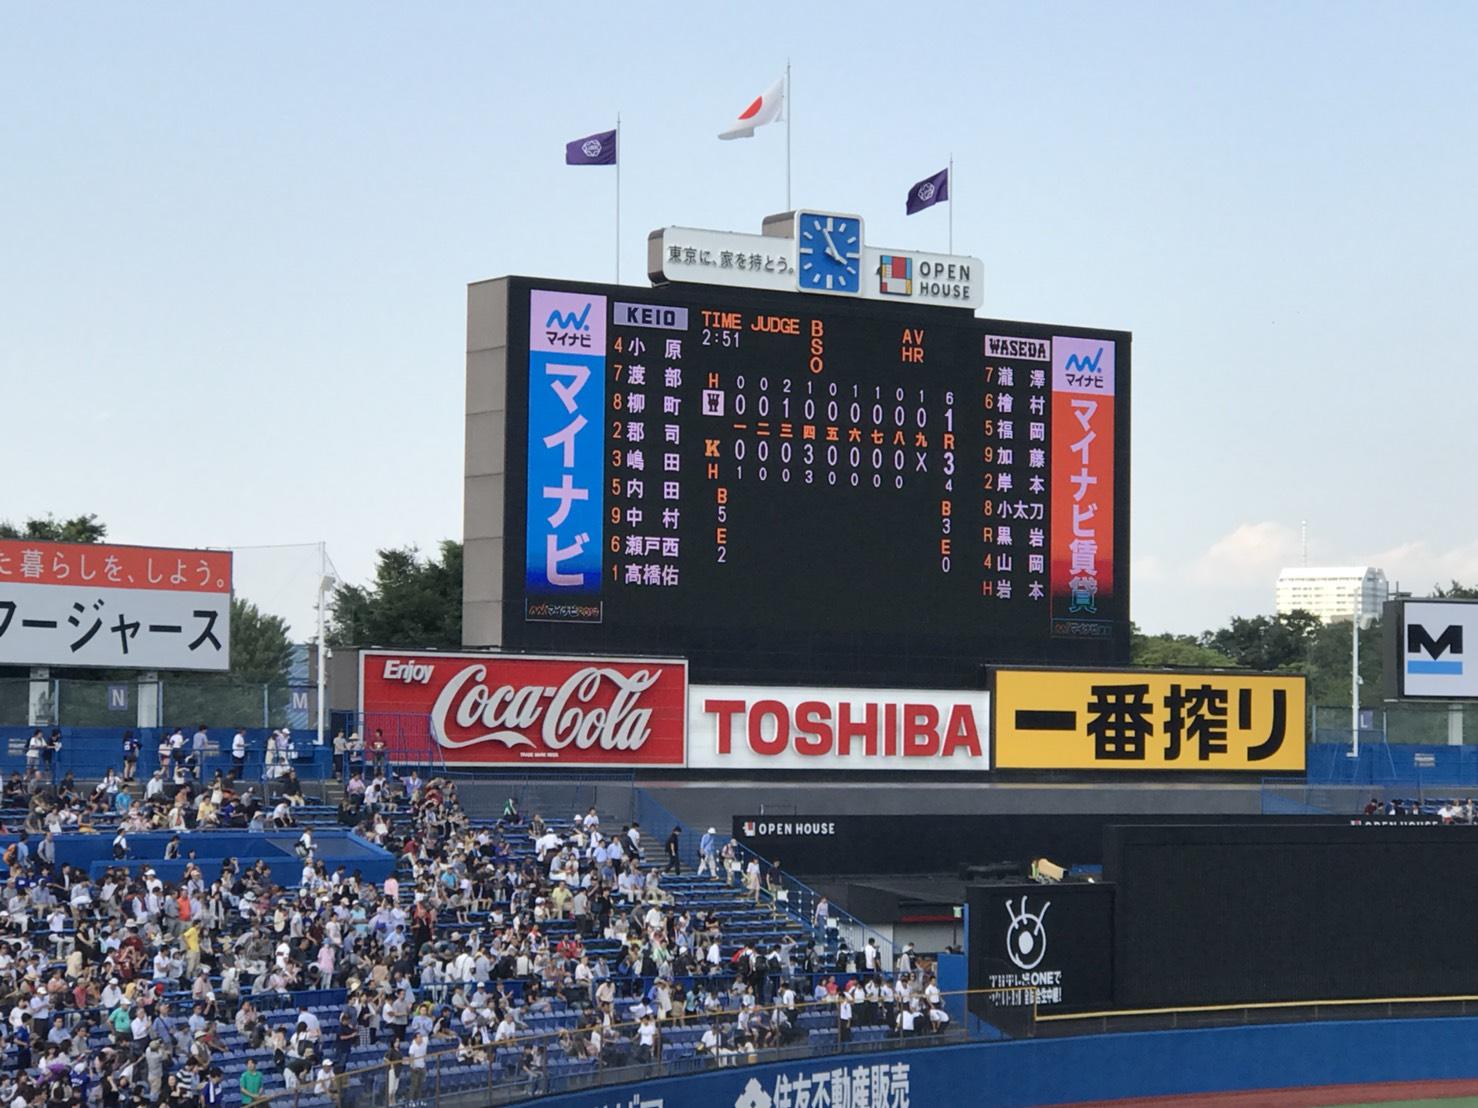 早慶戦第1戦目。3対1で慶應の勝利。【2018年6月2日】